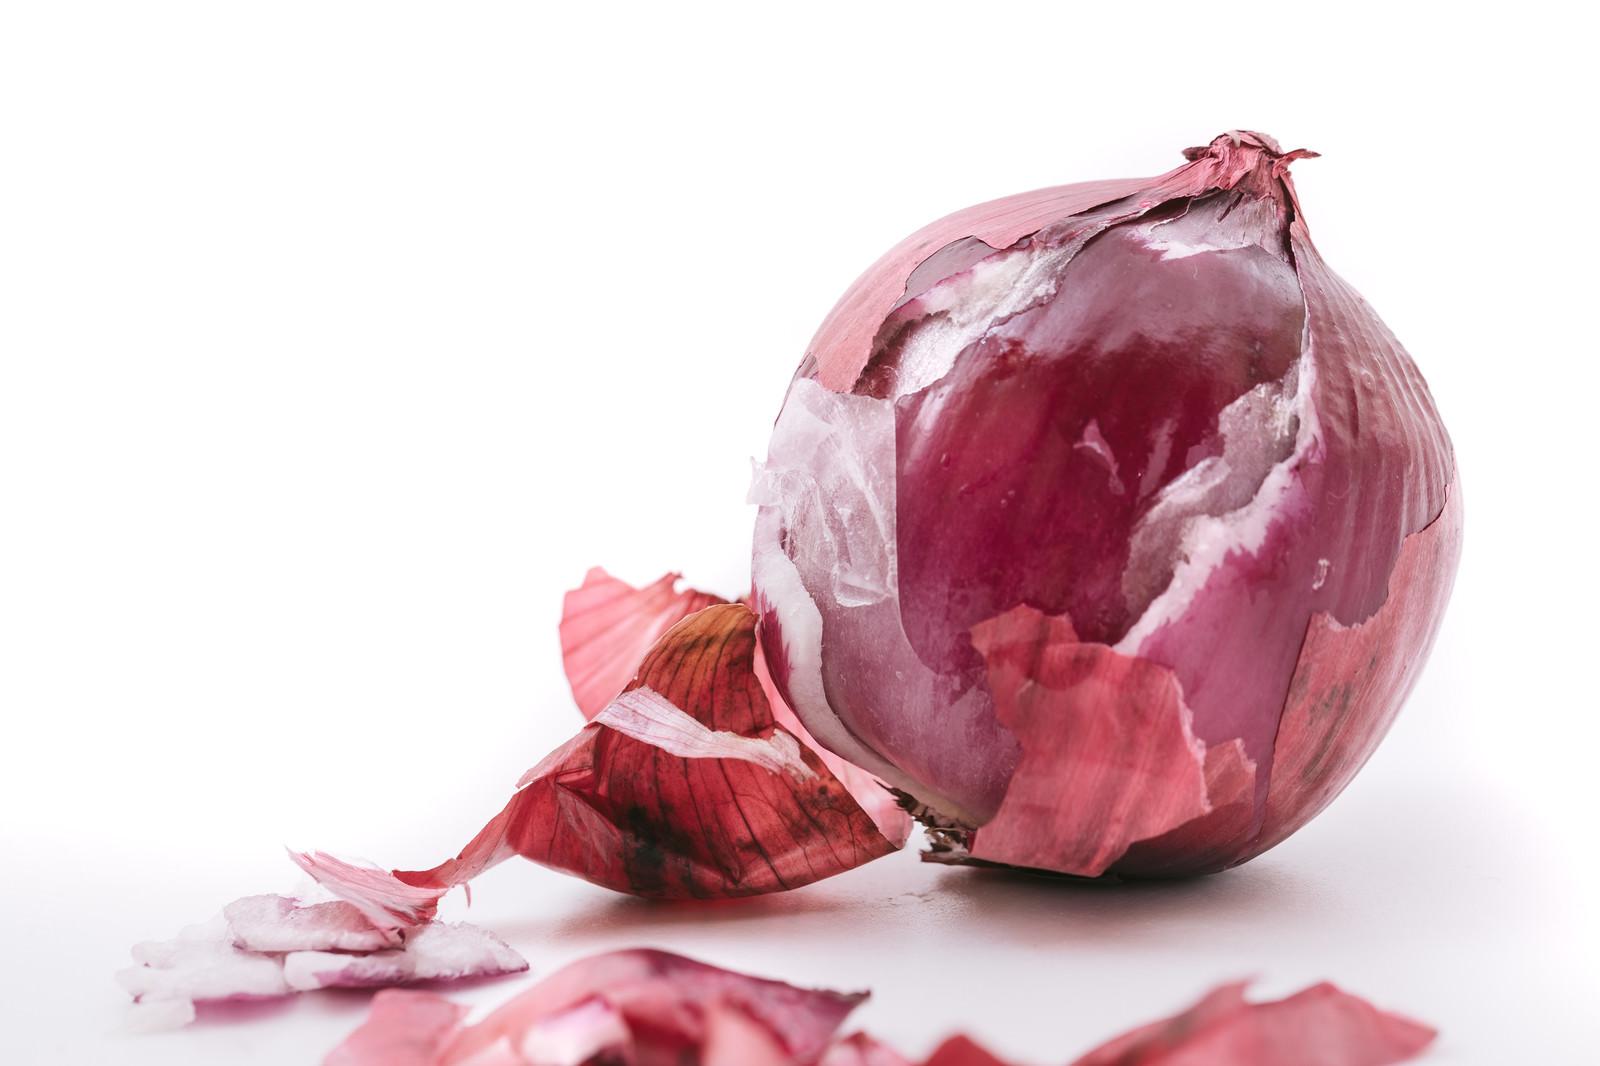 「表皮を剥かれたボロボロな紫玉葱表皮を剥かれたボロボロな紫玉葱」のフリー写真素材を拡大